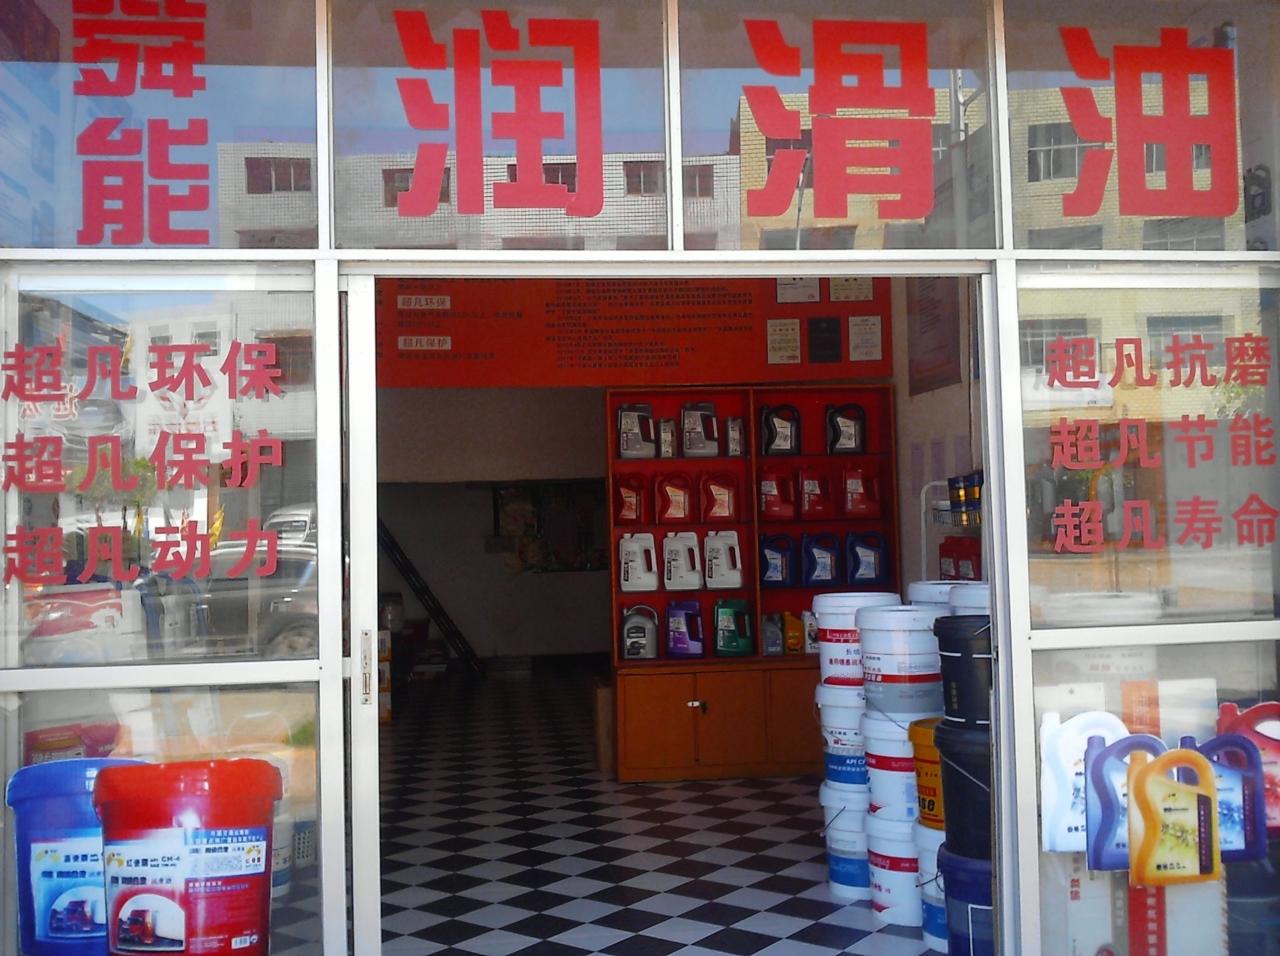 澳门网上投注网站舜能陶瓷合金润滑油专卖店